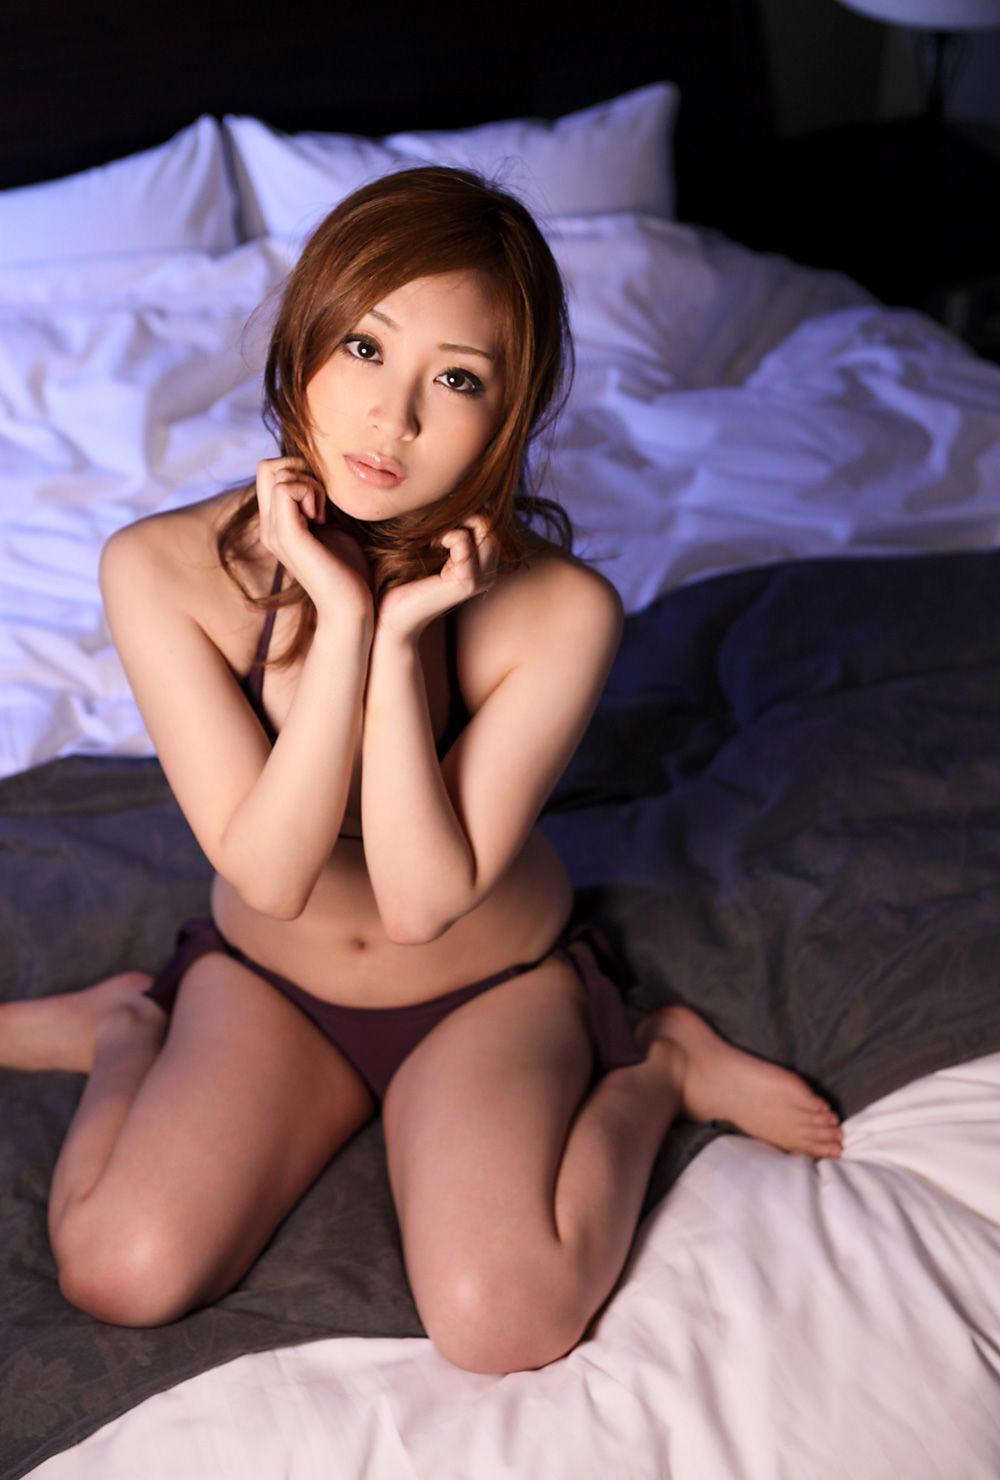 辰巳奈都子 過激 画像 19